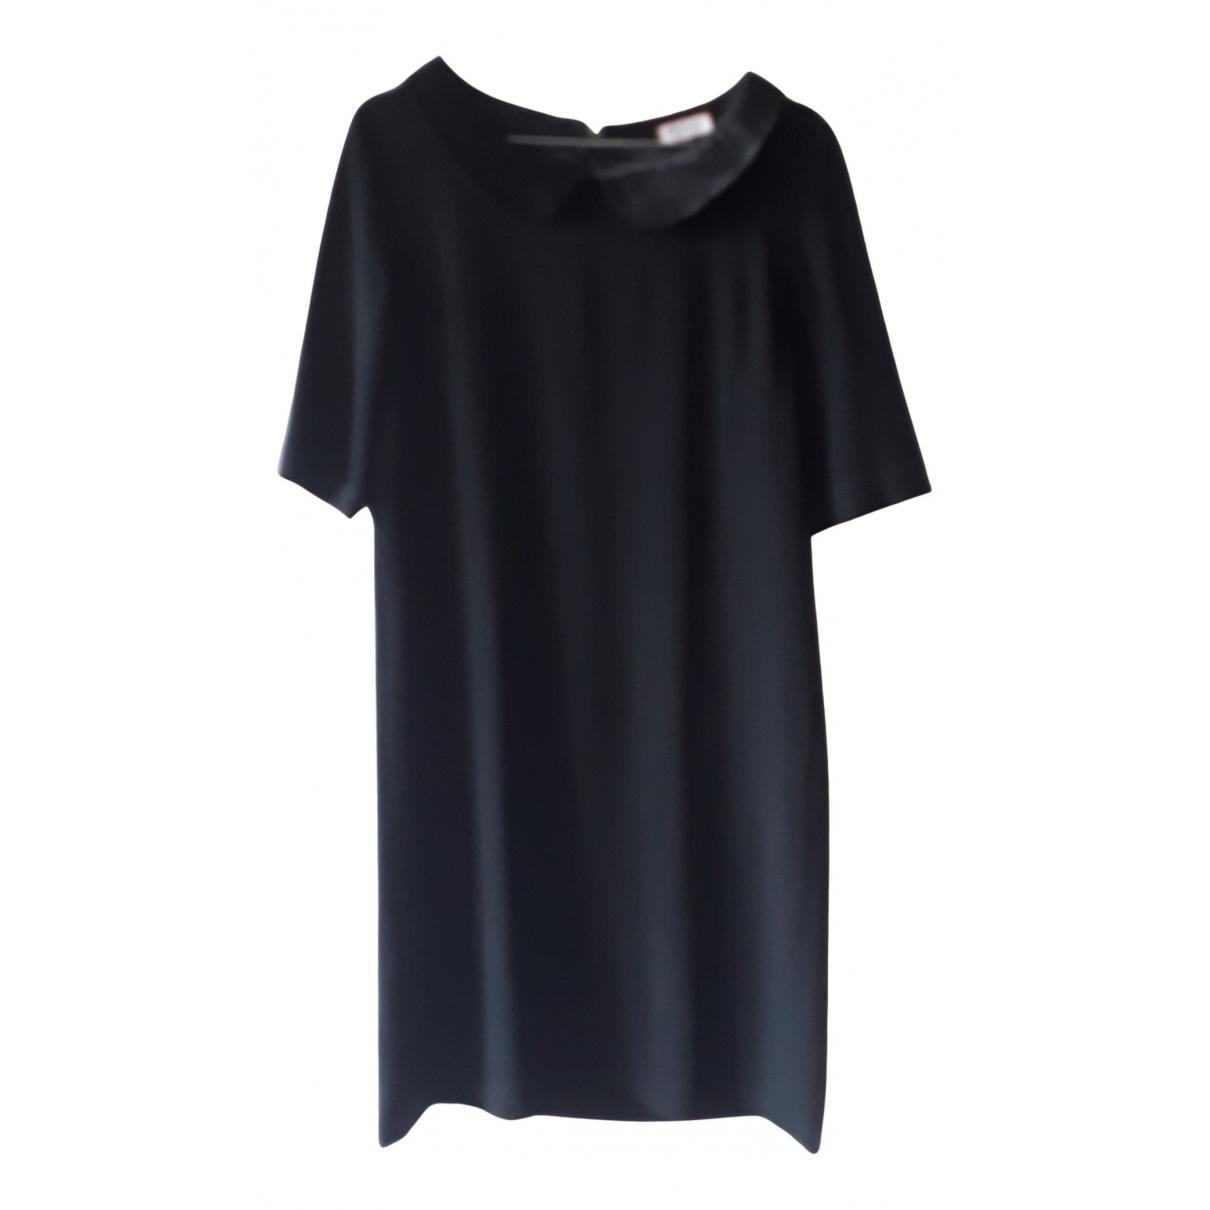 Max & Co \N Kleid in  Schwarz Viskose